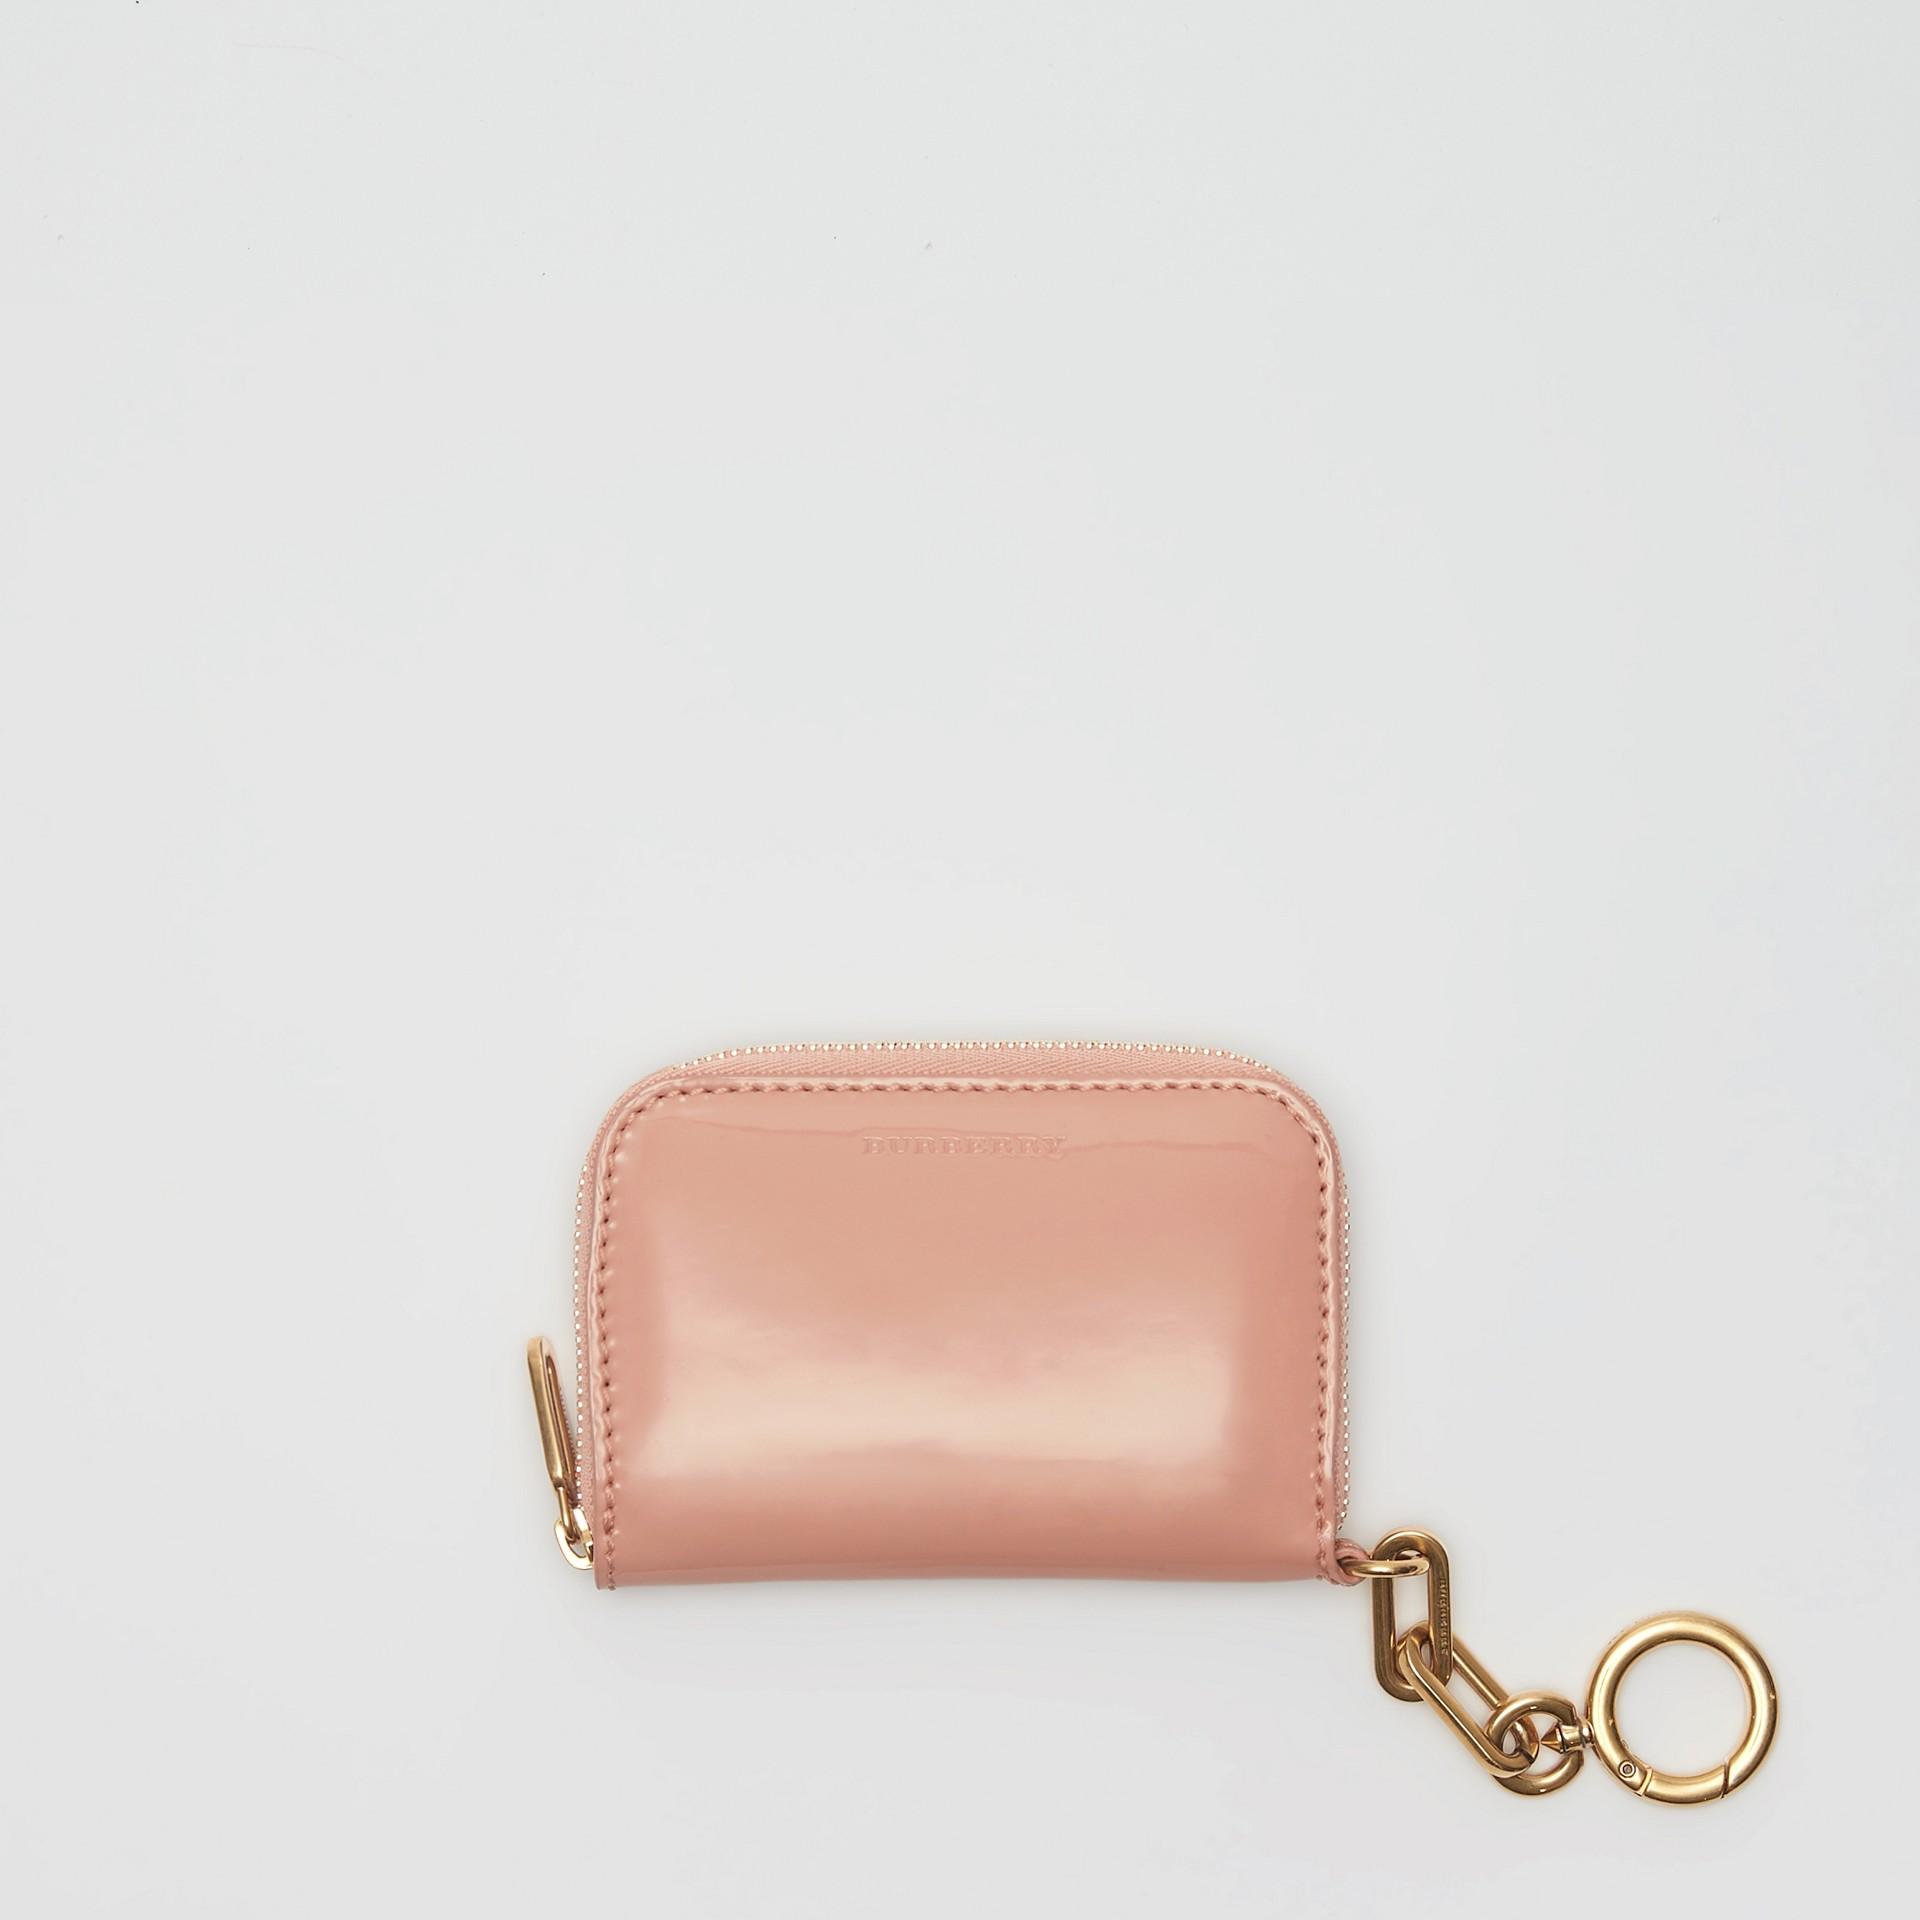 Кожаный бумажник из кожи с цепочкой (Бледный Бежево-розовый) - Для женщин | Burberry - изображение 2